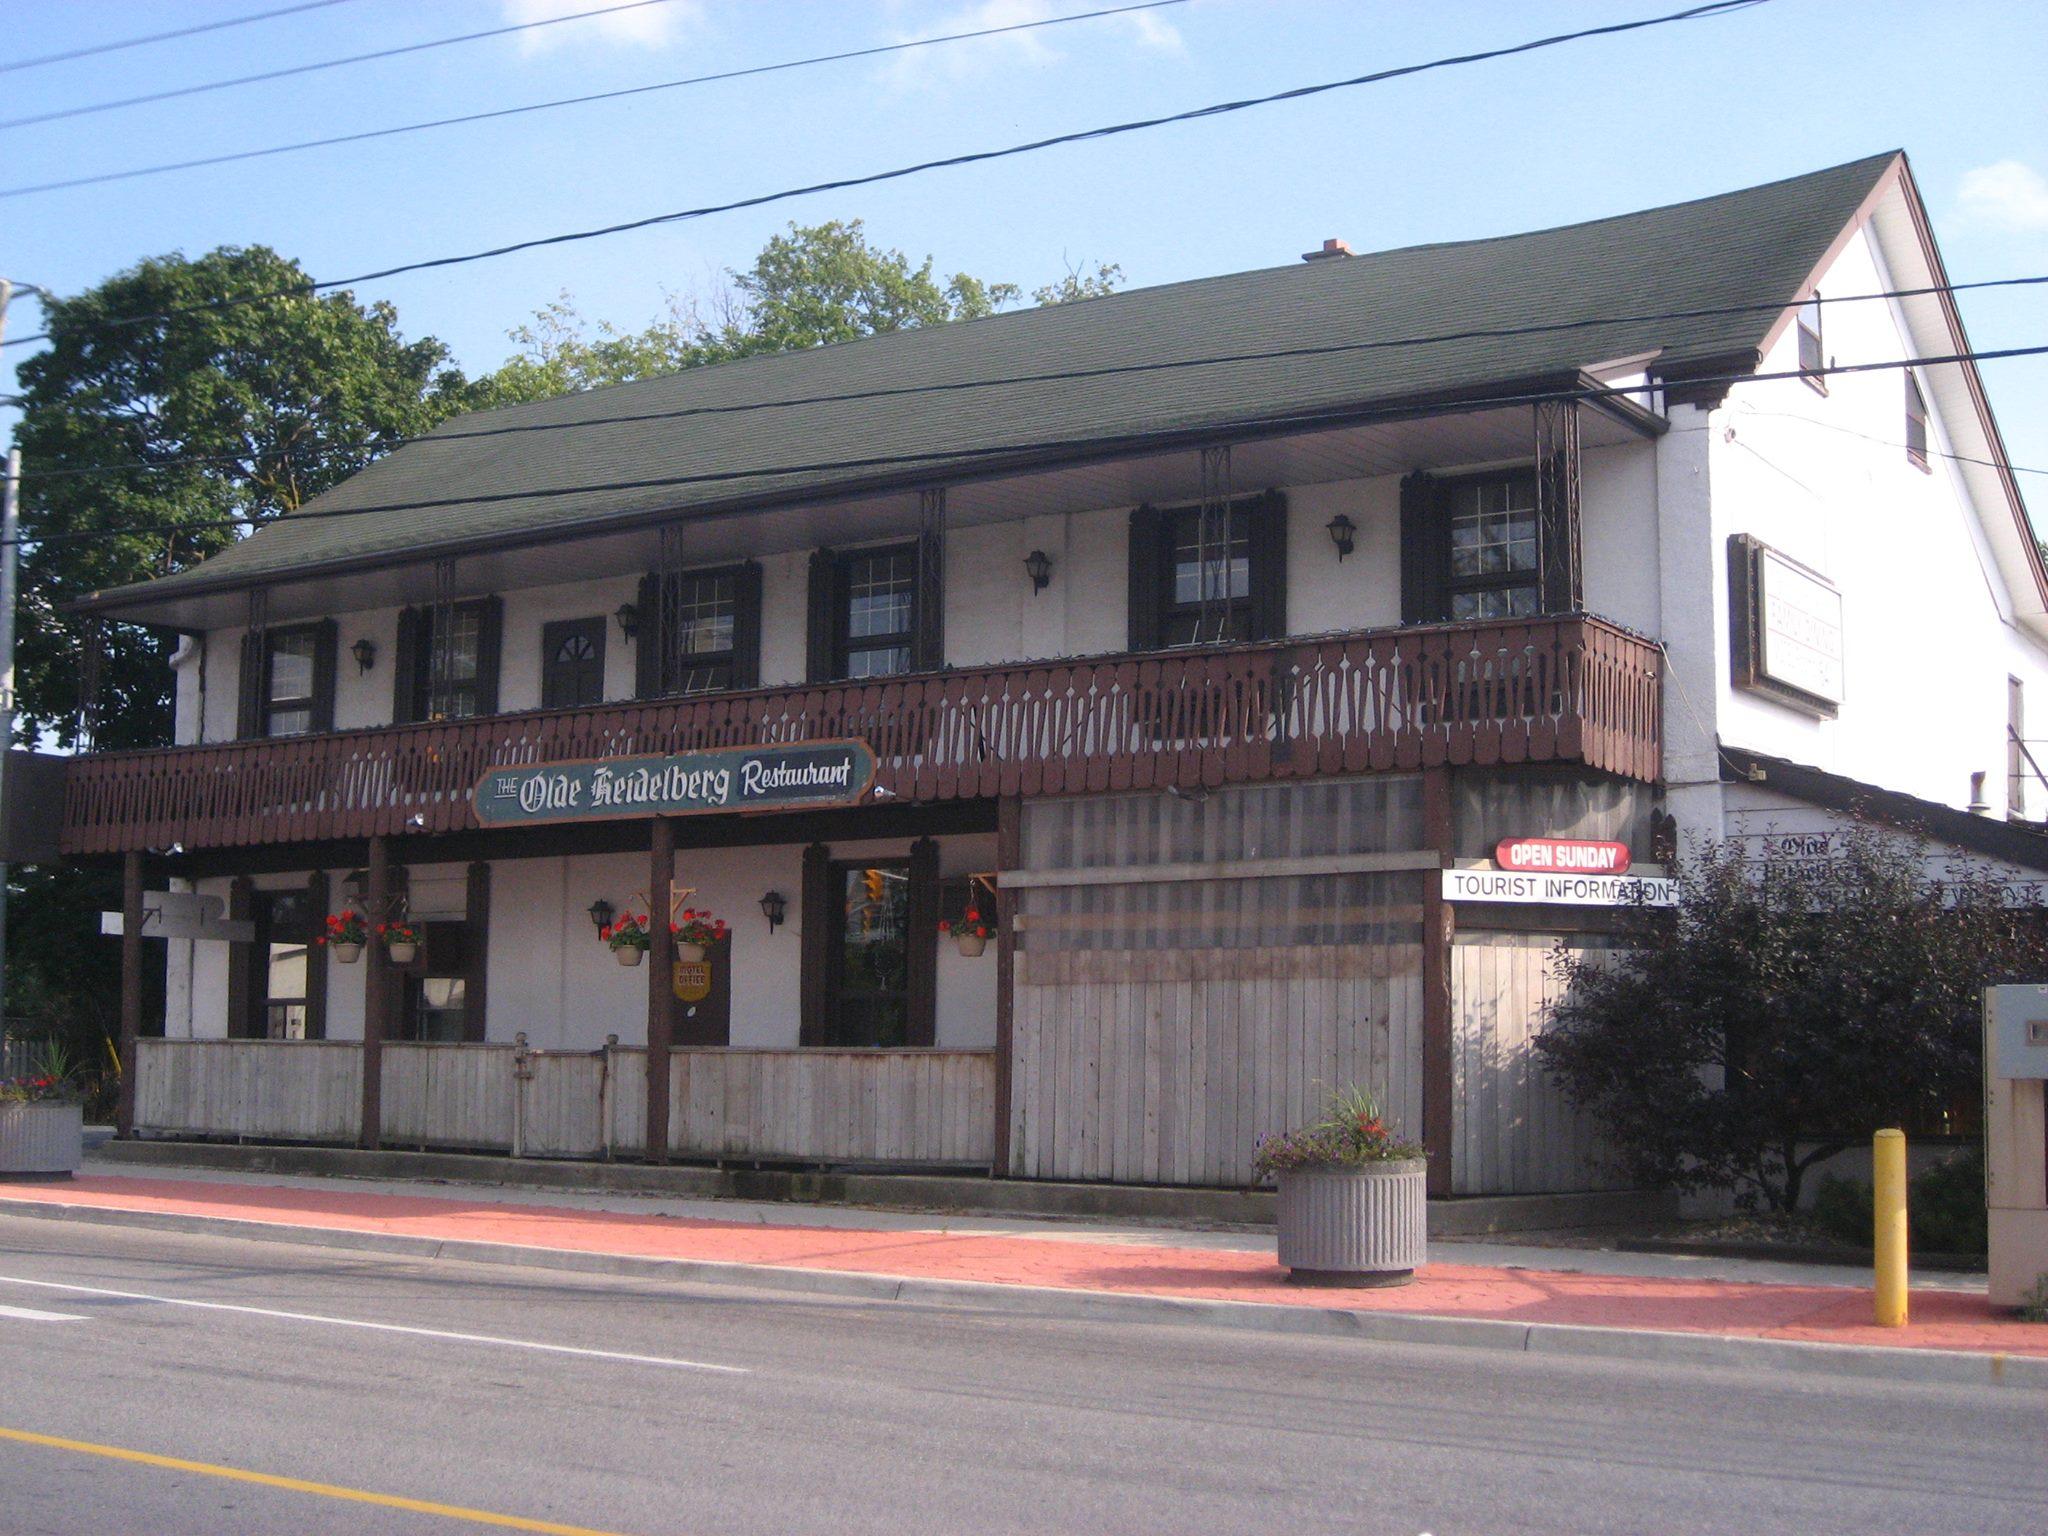 The Olde Heidelberg Restaurant